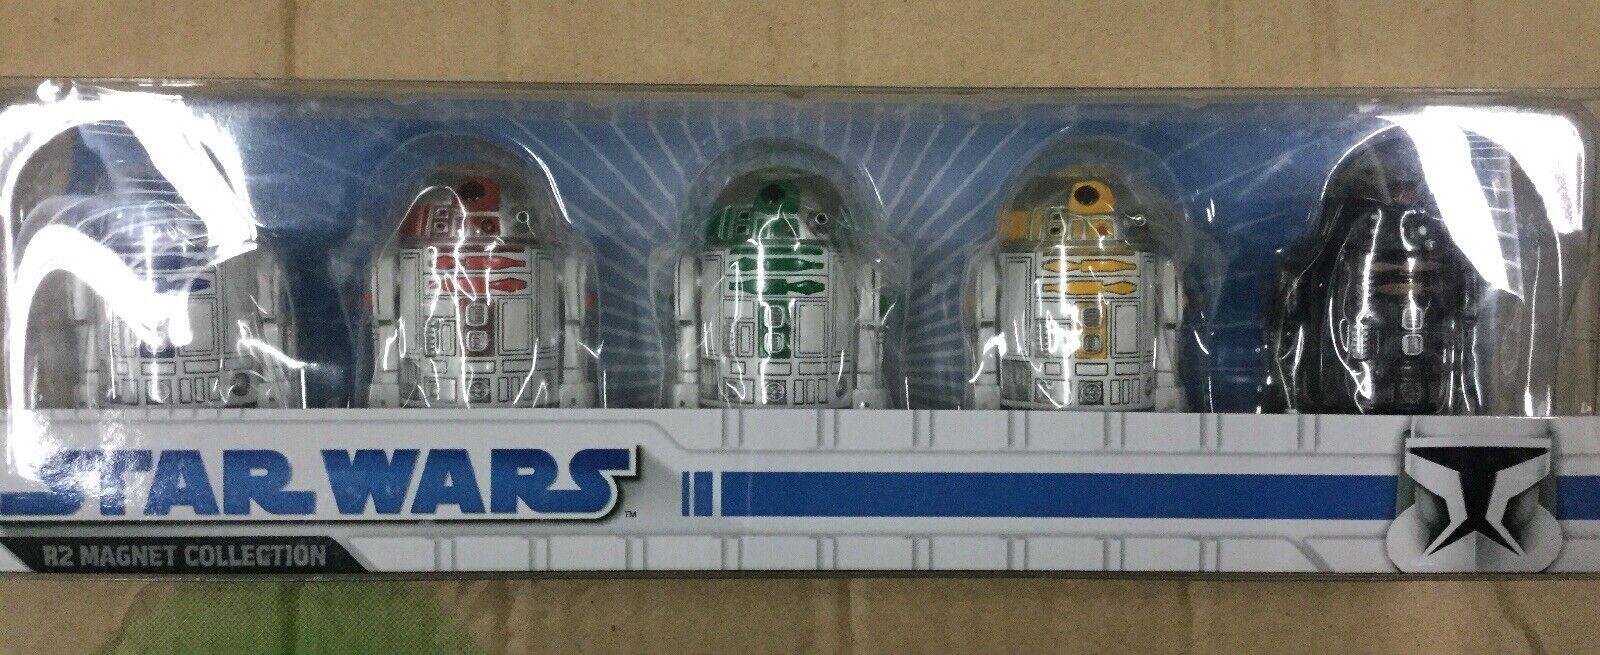 Kotobukiya Star Wars Ensky Ensky Ensky R2-D2 F2 R3 A3 Set of 5 Magnet Collection Set 2dae9a